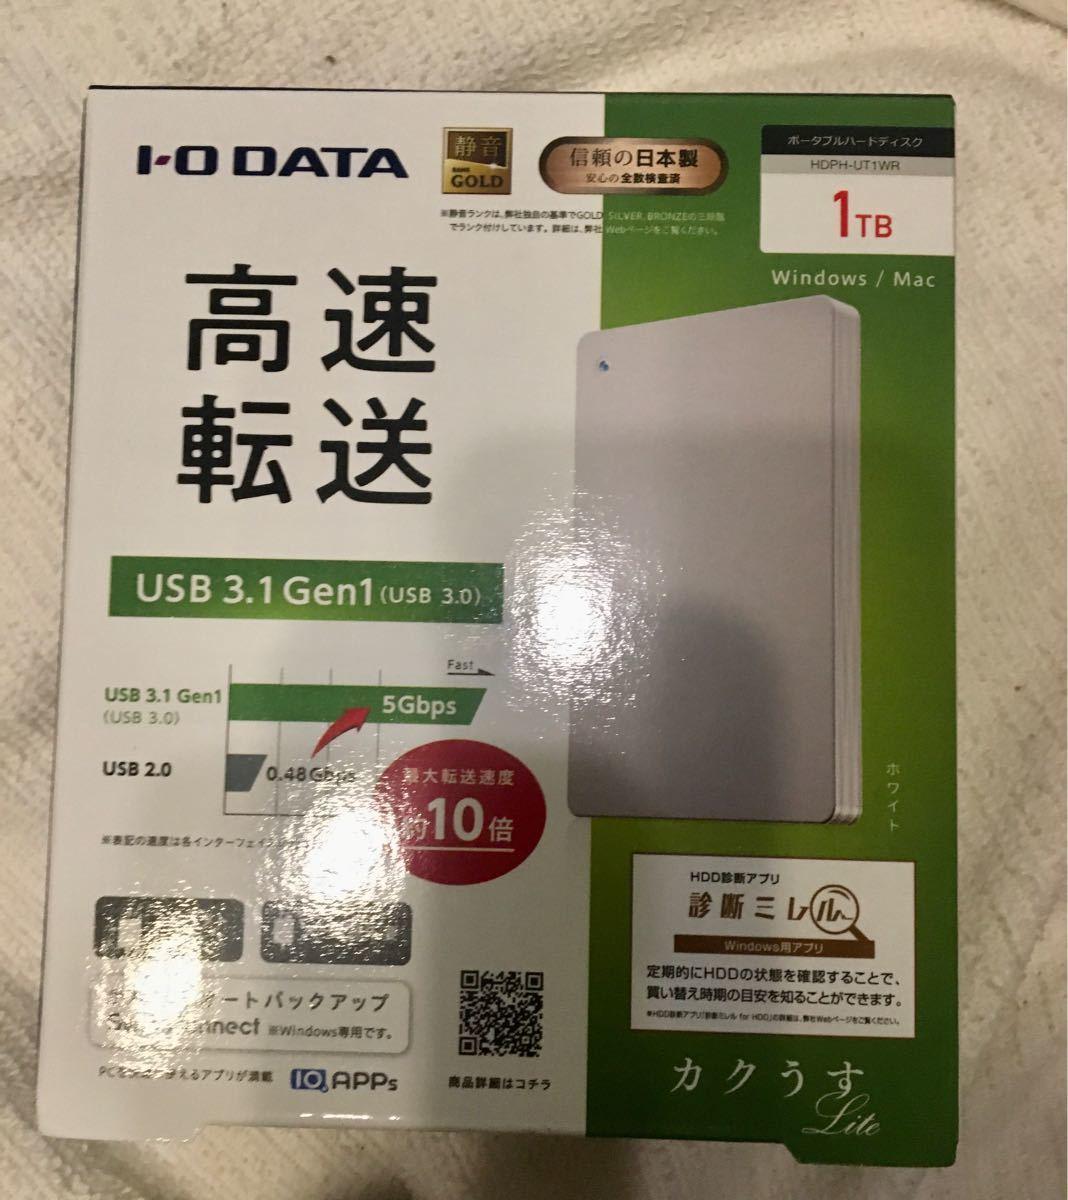 アイ・オー・データ I-O DATA ポータブルハードディスク カク うす ポータブルHDD USB3.1 1TB